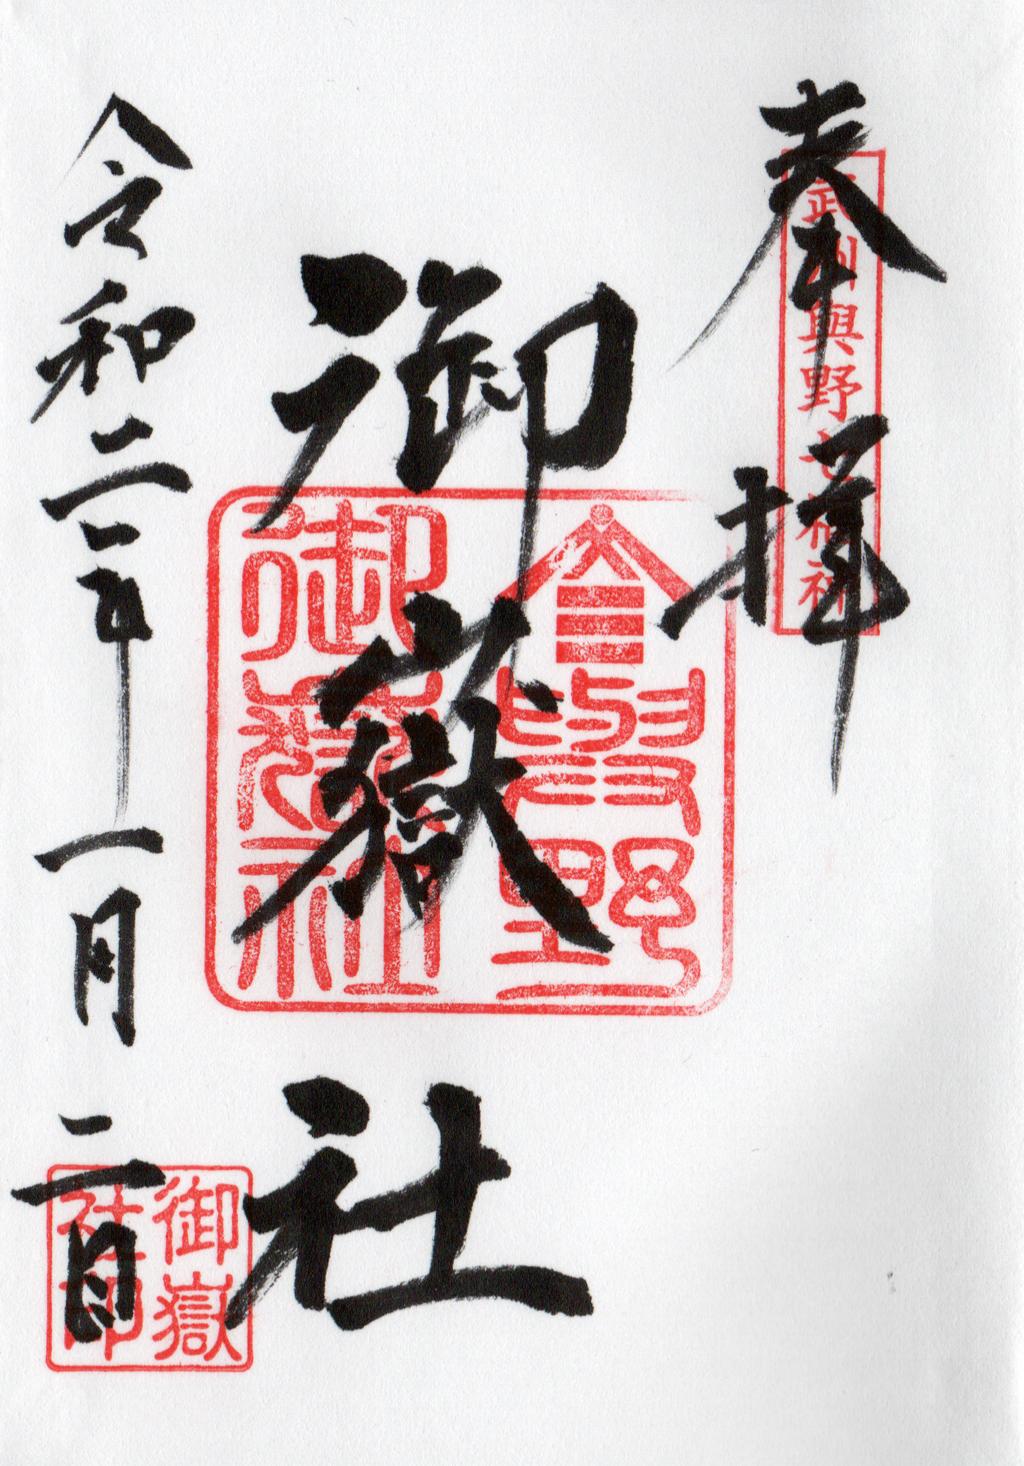 御嶽社(与野七福神弁財天)の御朱印